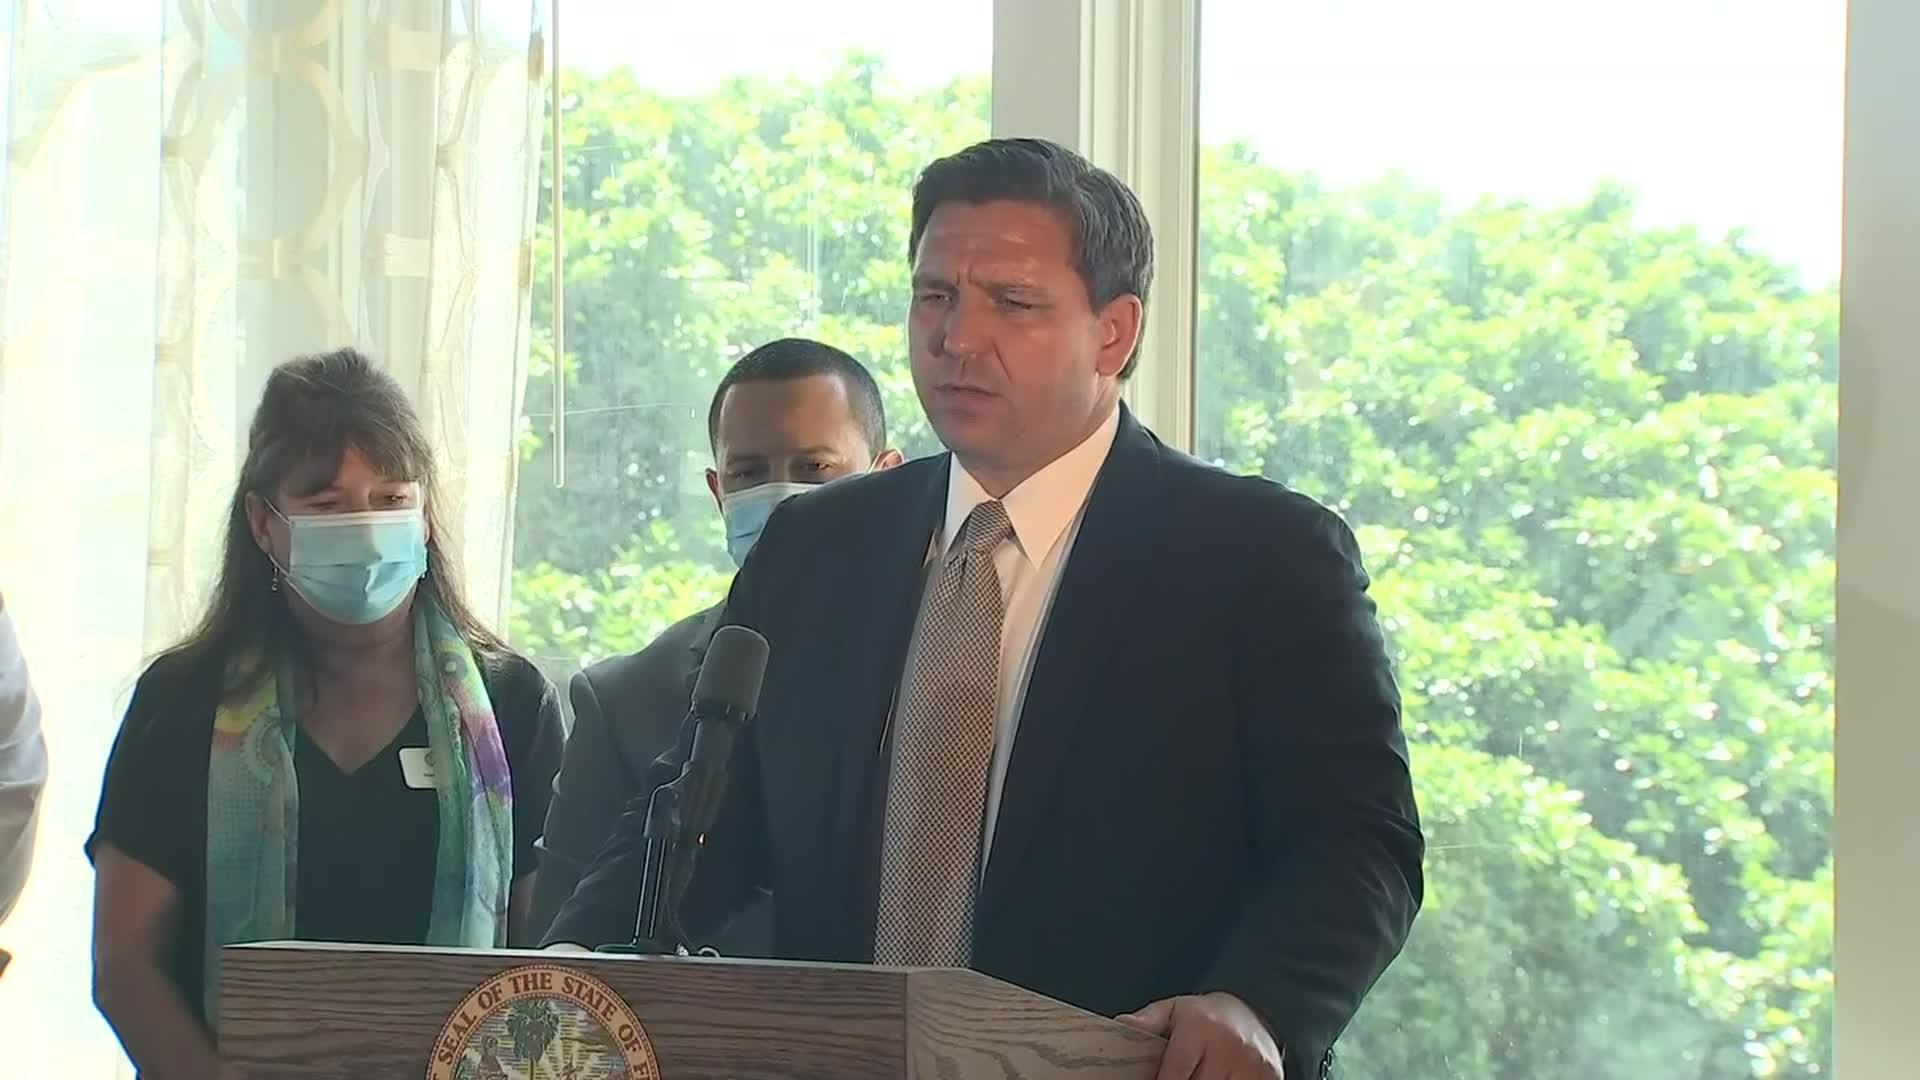 Florida Gov. RonDeSantis speaks during a press conference in St. Petersburg, Florida, on September 25.